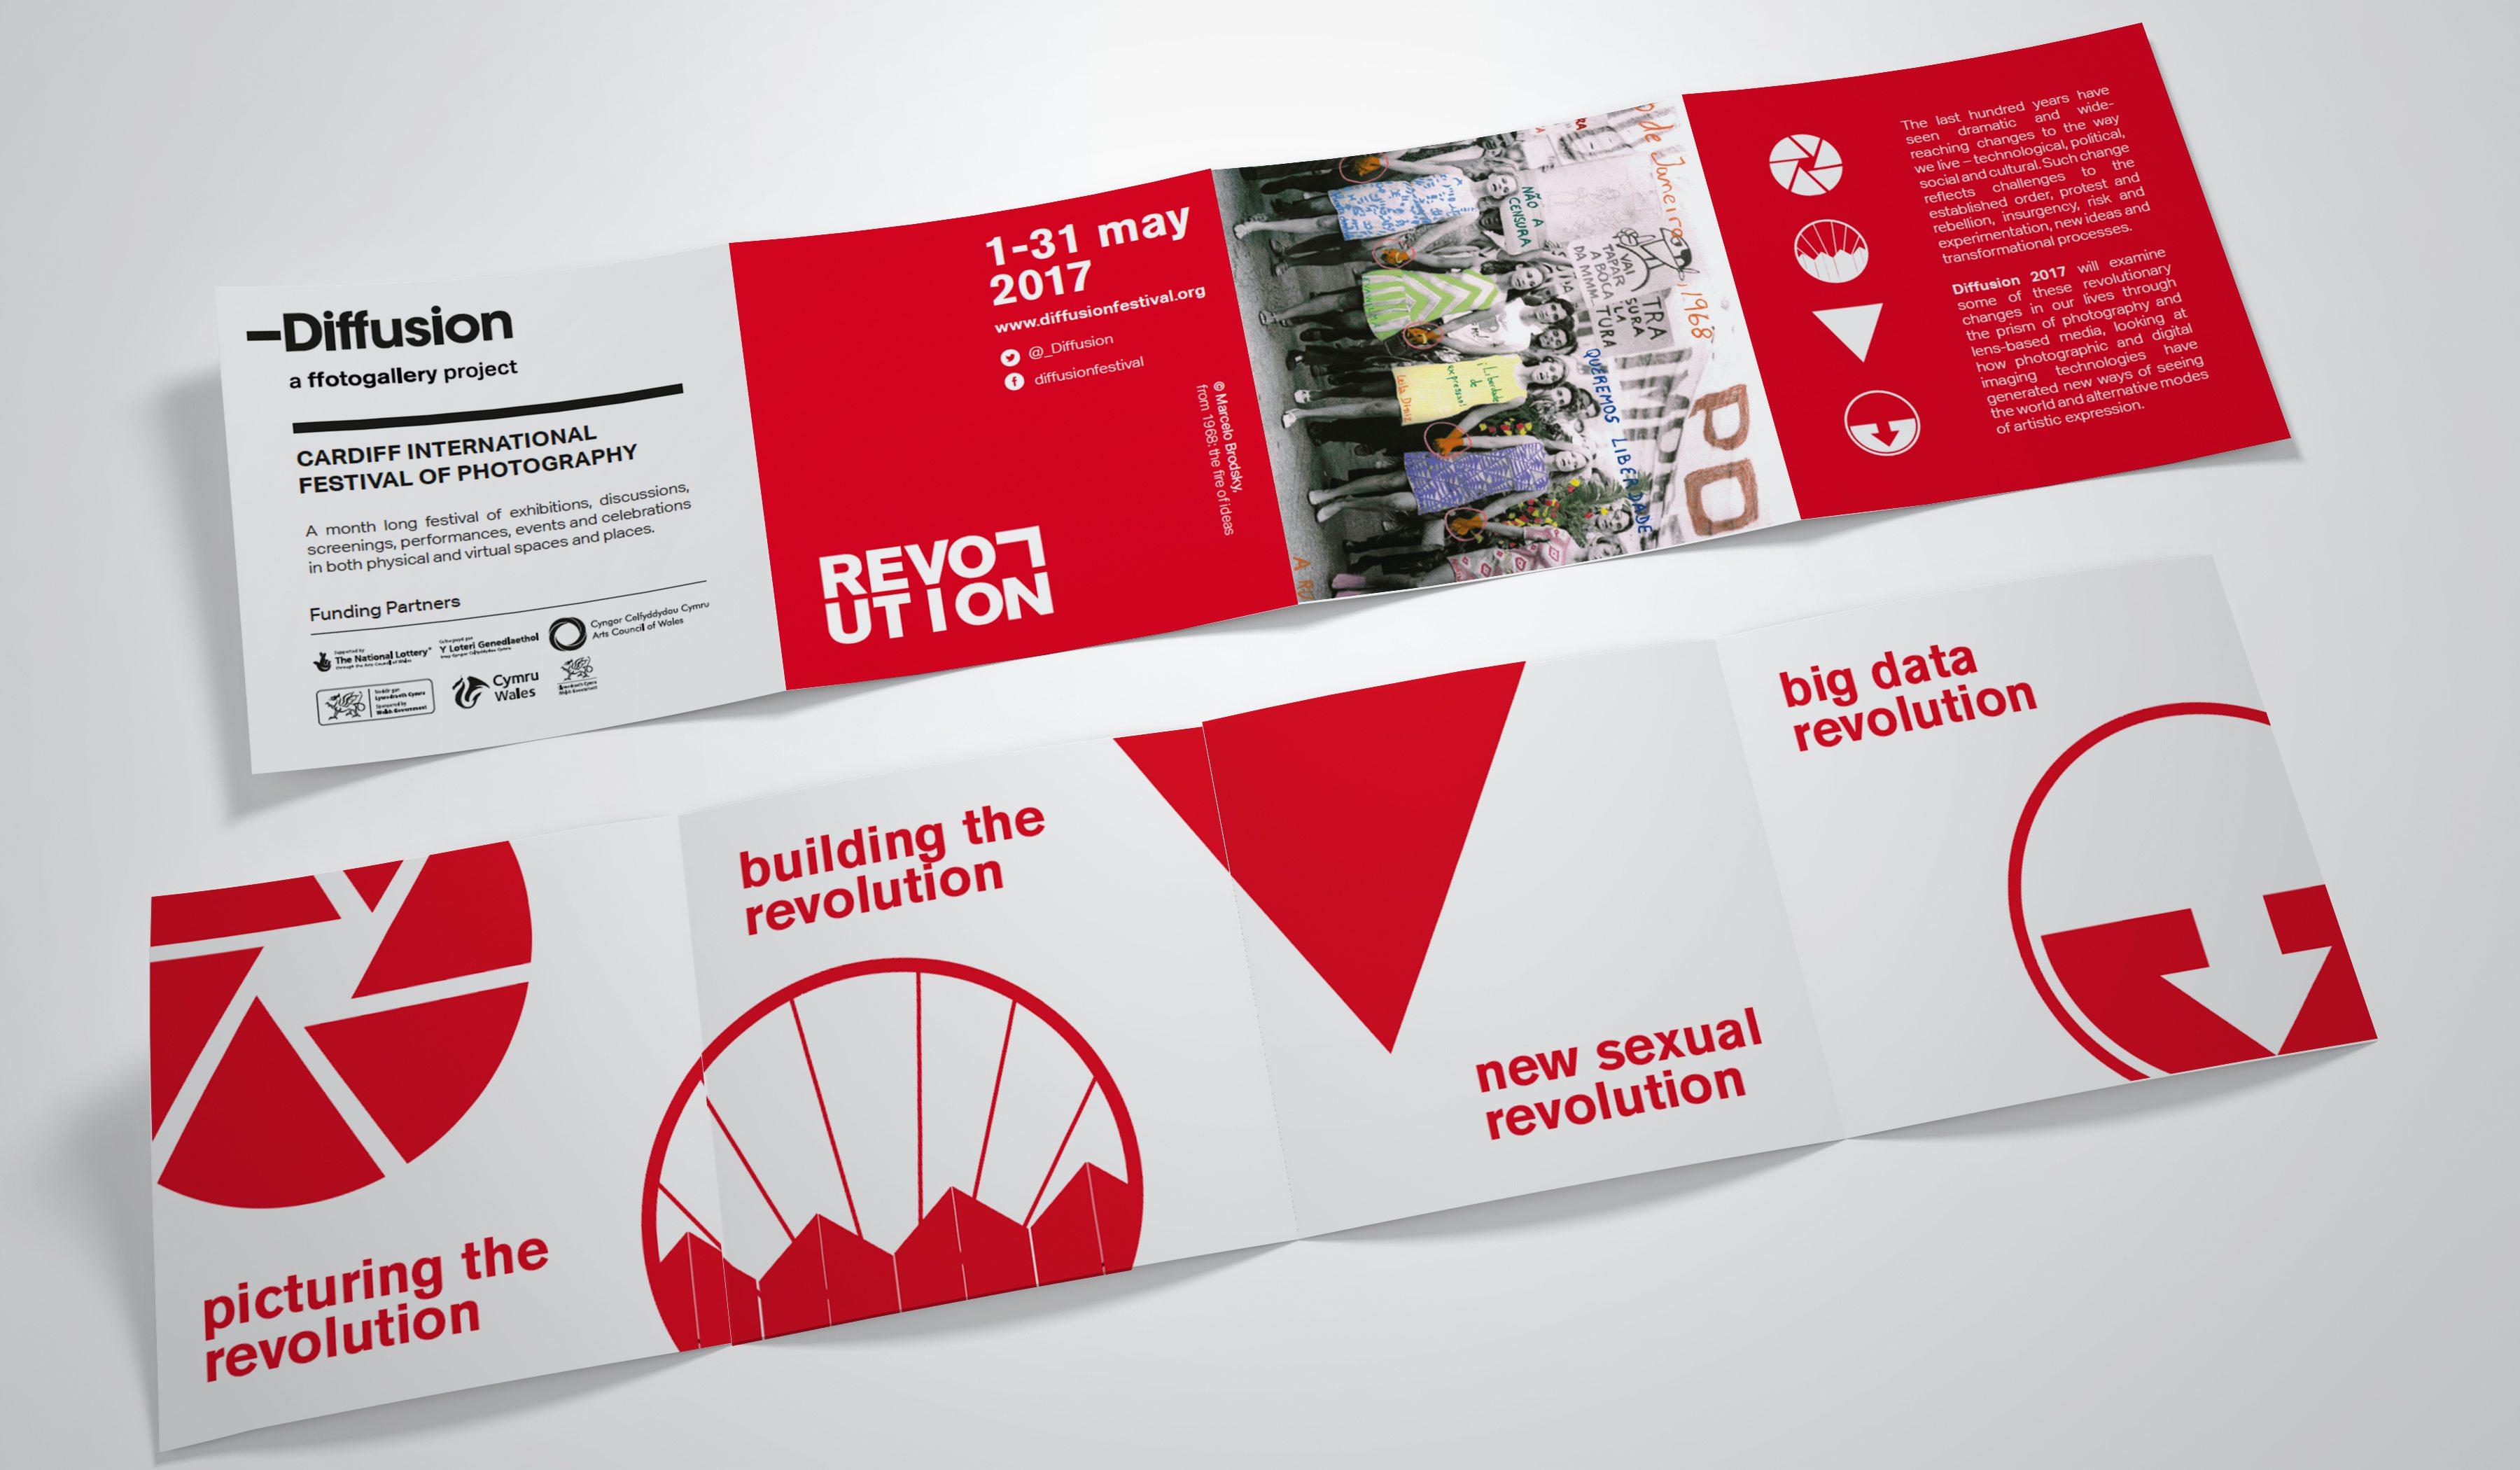 revolution_diffusion_2